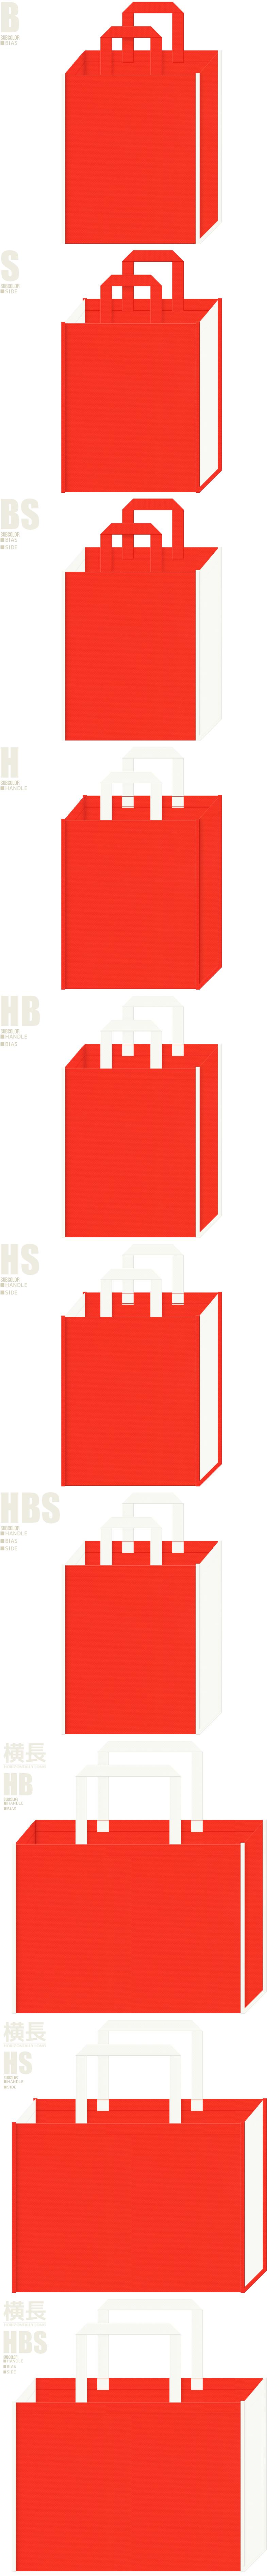 不織布トートバッグ 不織布カラーNo.1オレンジとNo.12オフホワイトの組み合わせ